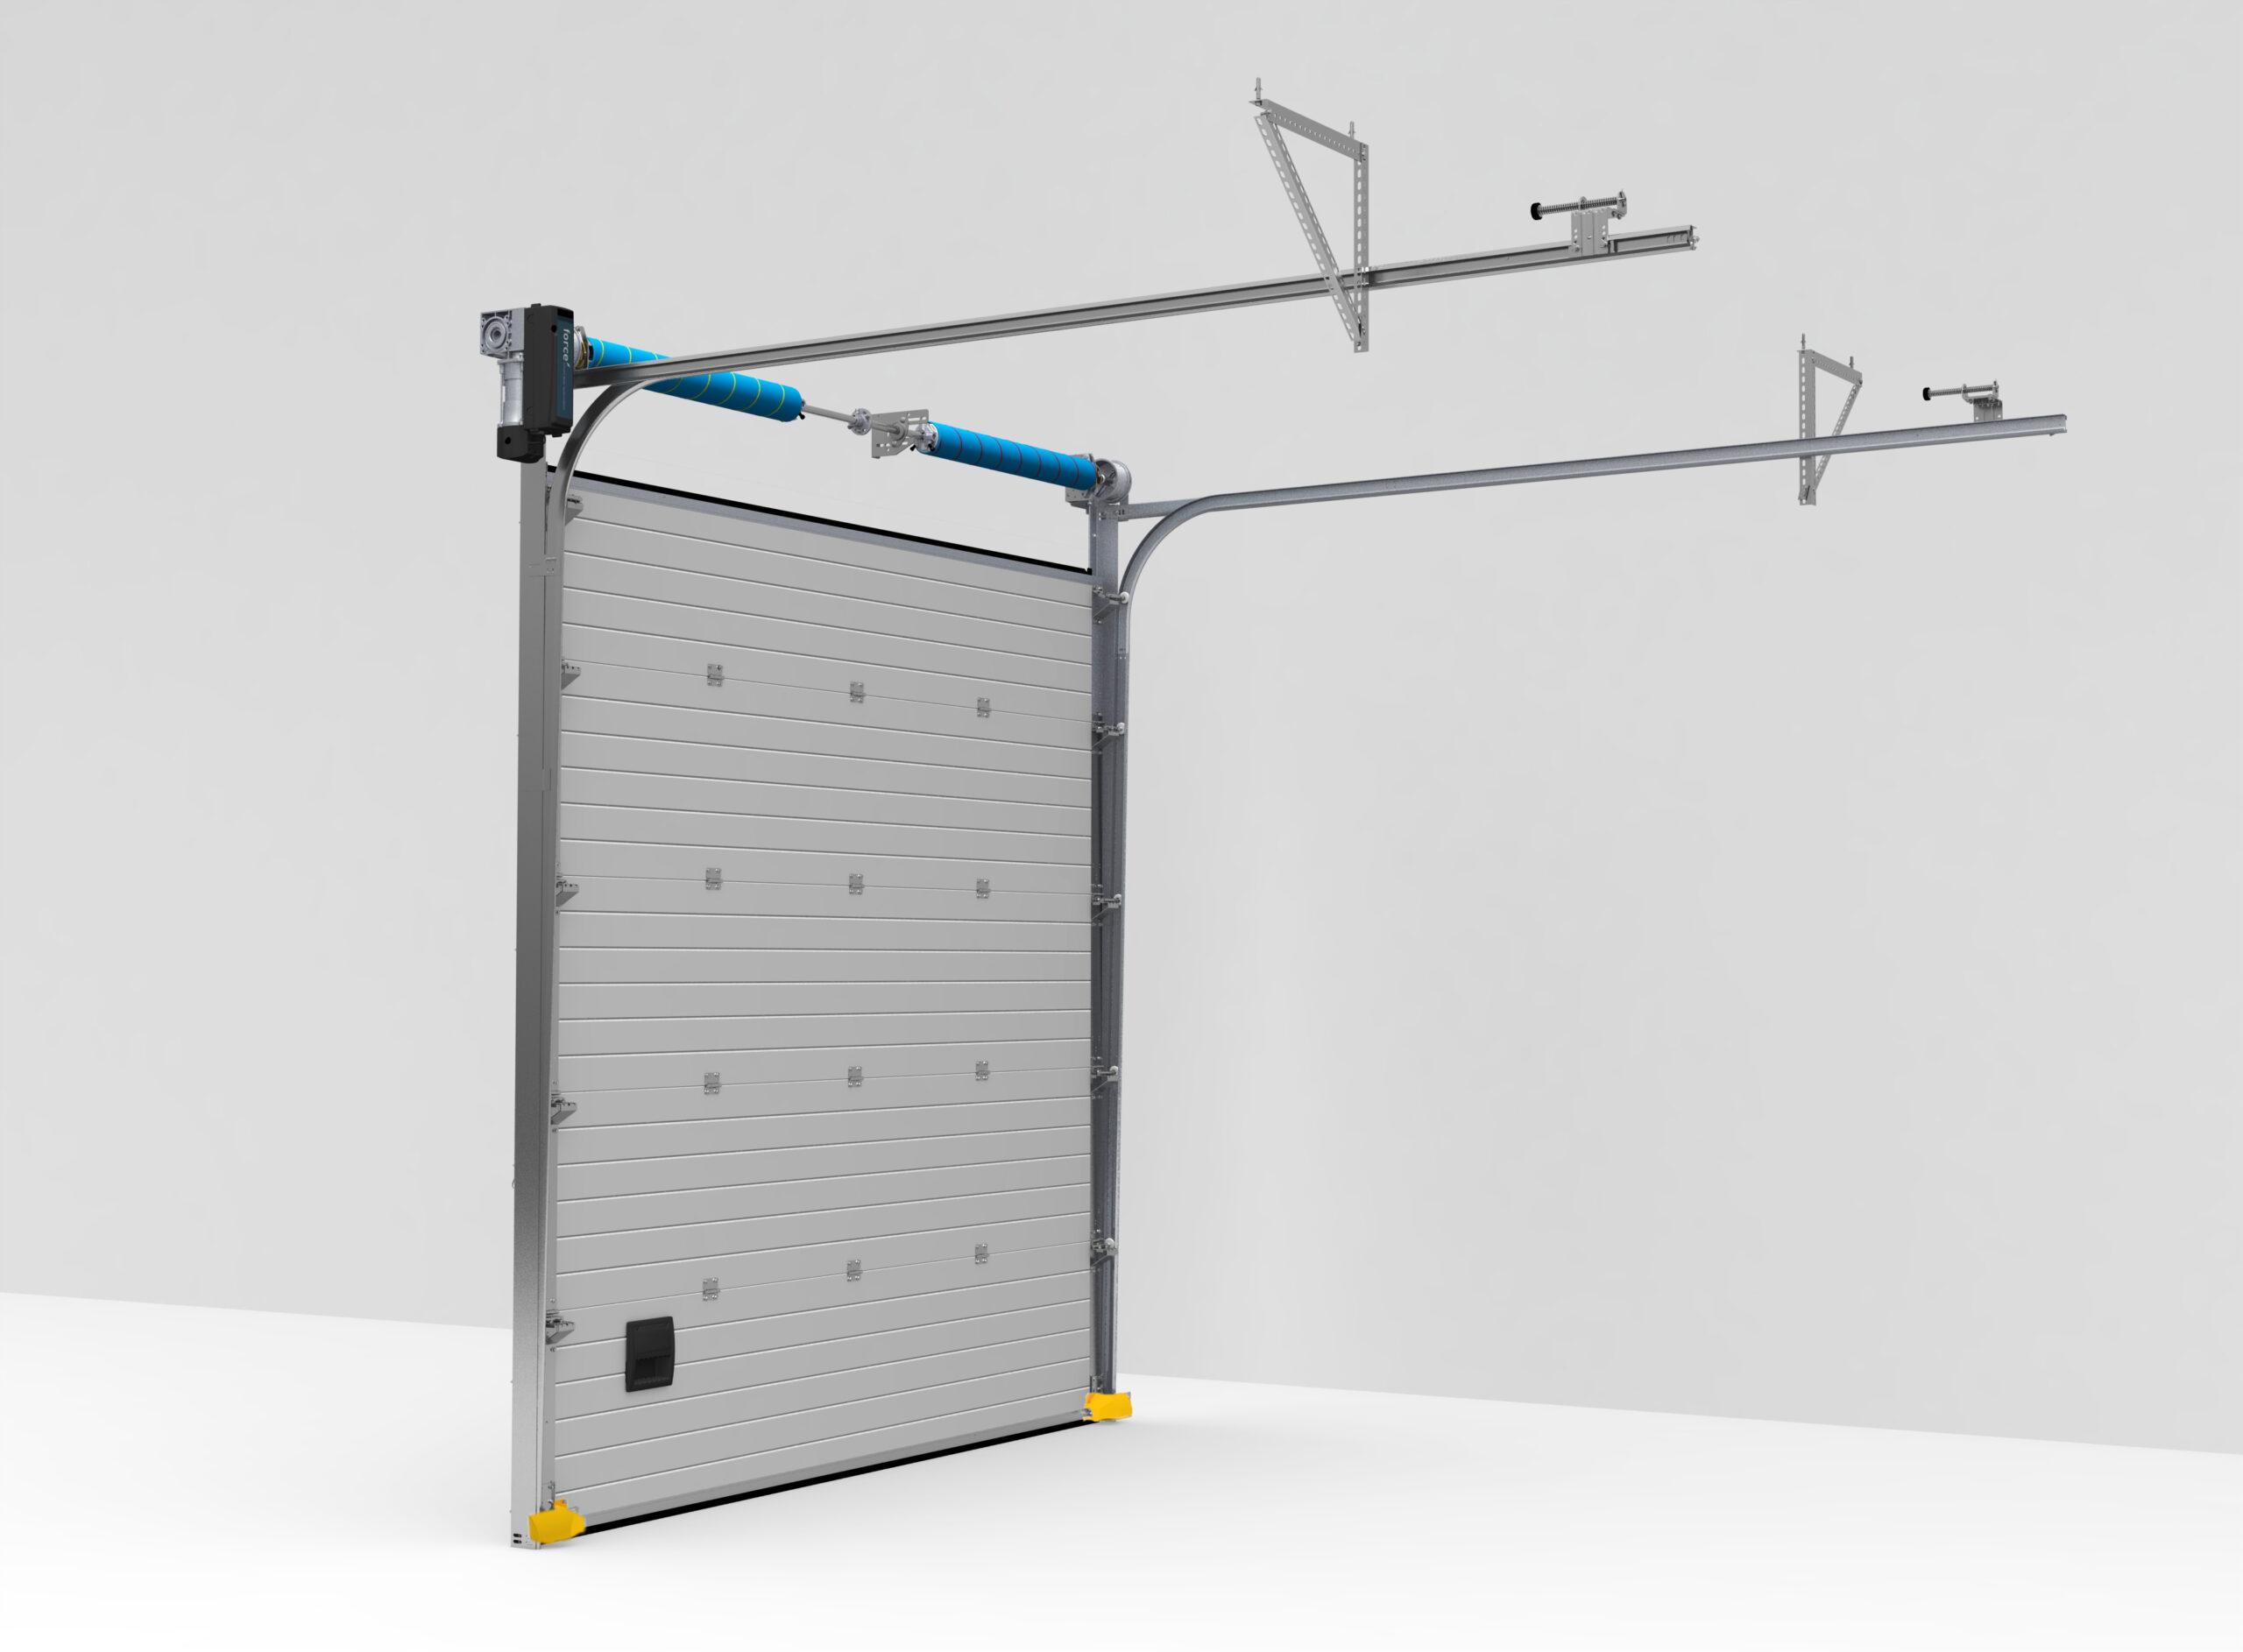 Seksiyonel Endüstriyel Kapı Standart - Normal Yataklama